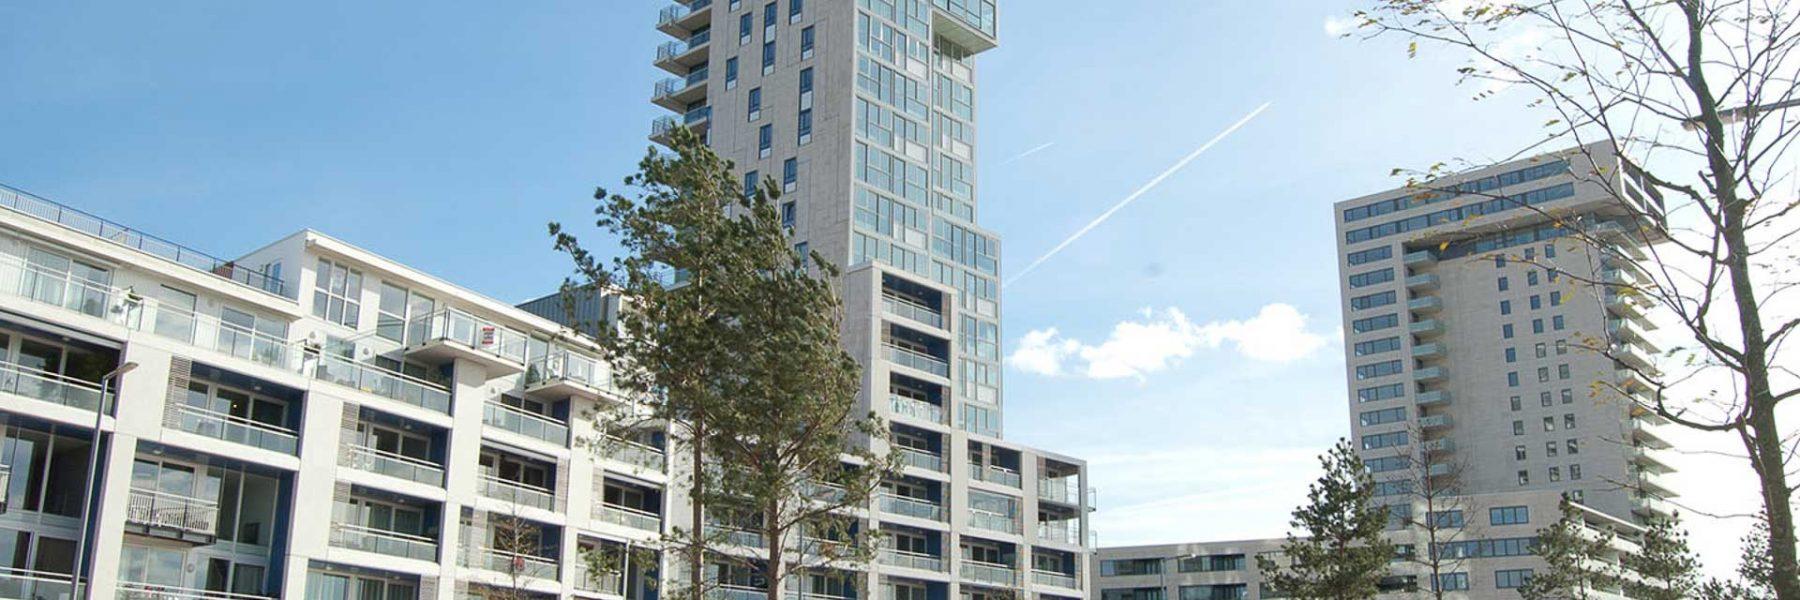 Nesselande - Rotterdam - NL 642 REF_web